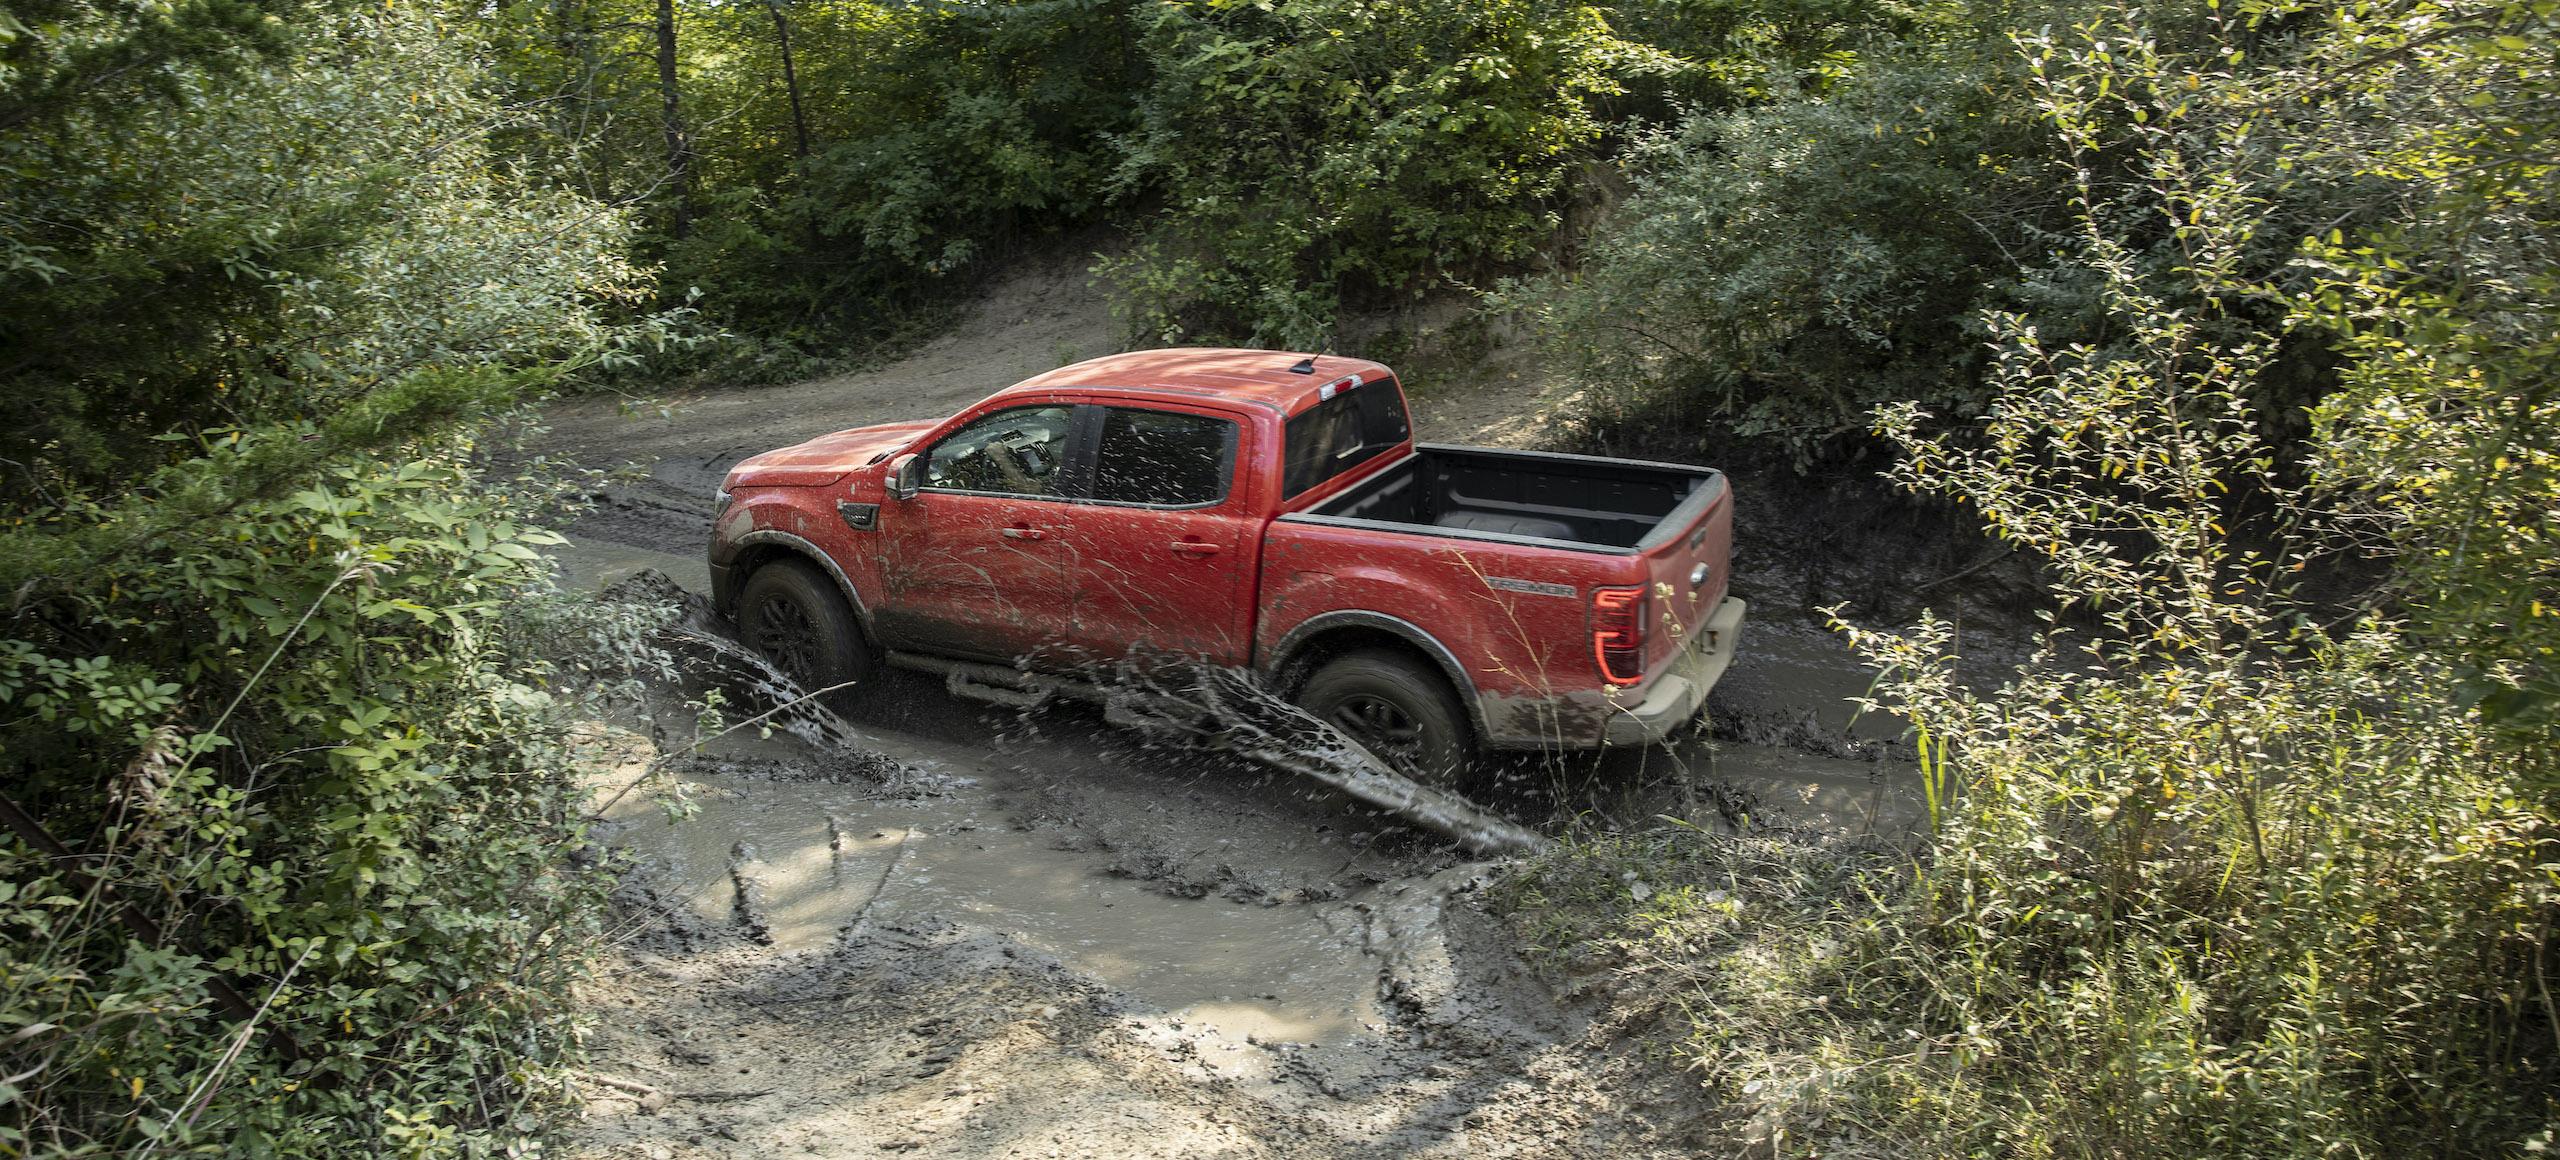 Ranger Tremor Lariat rear three-quarter off road mud action